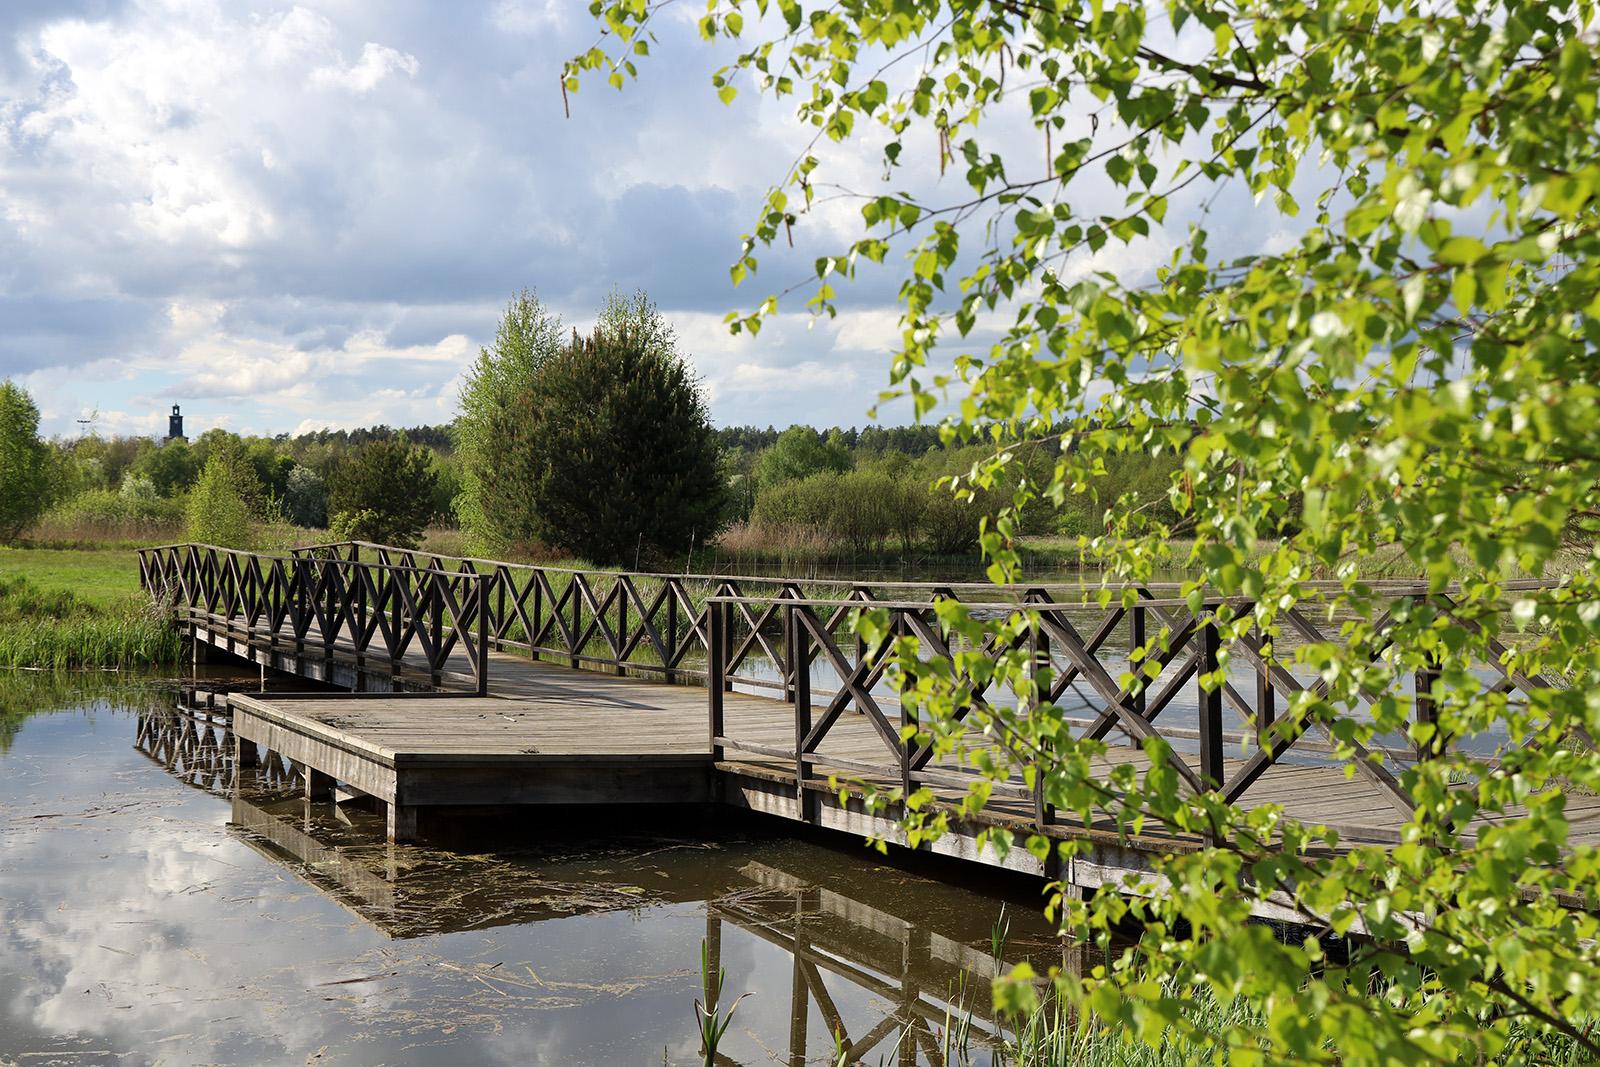 Träbron i Vattenparken i vacker kvällssol